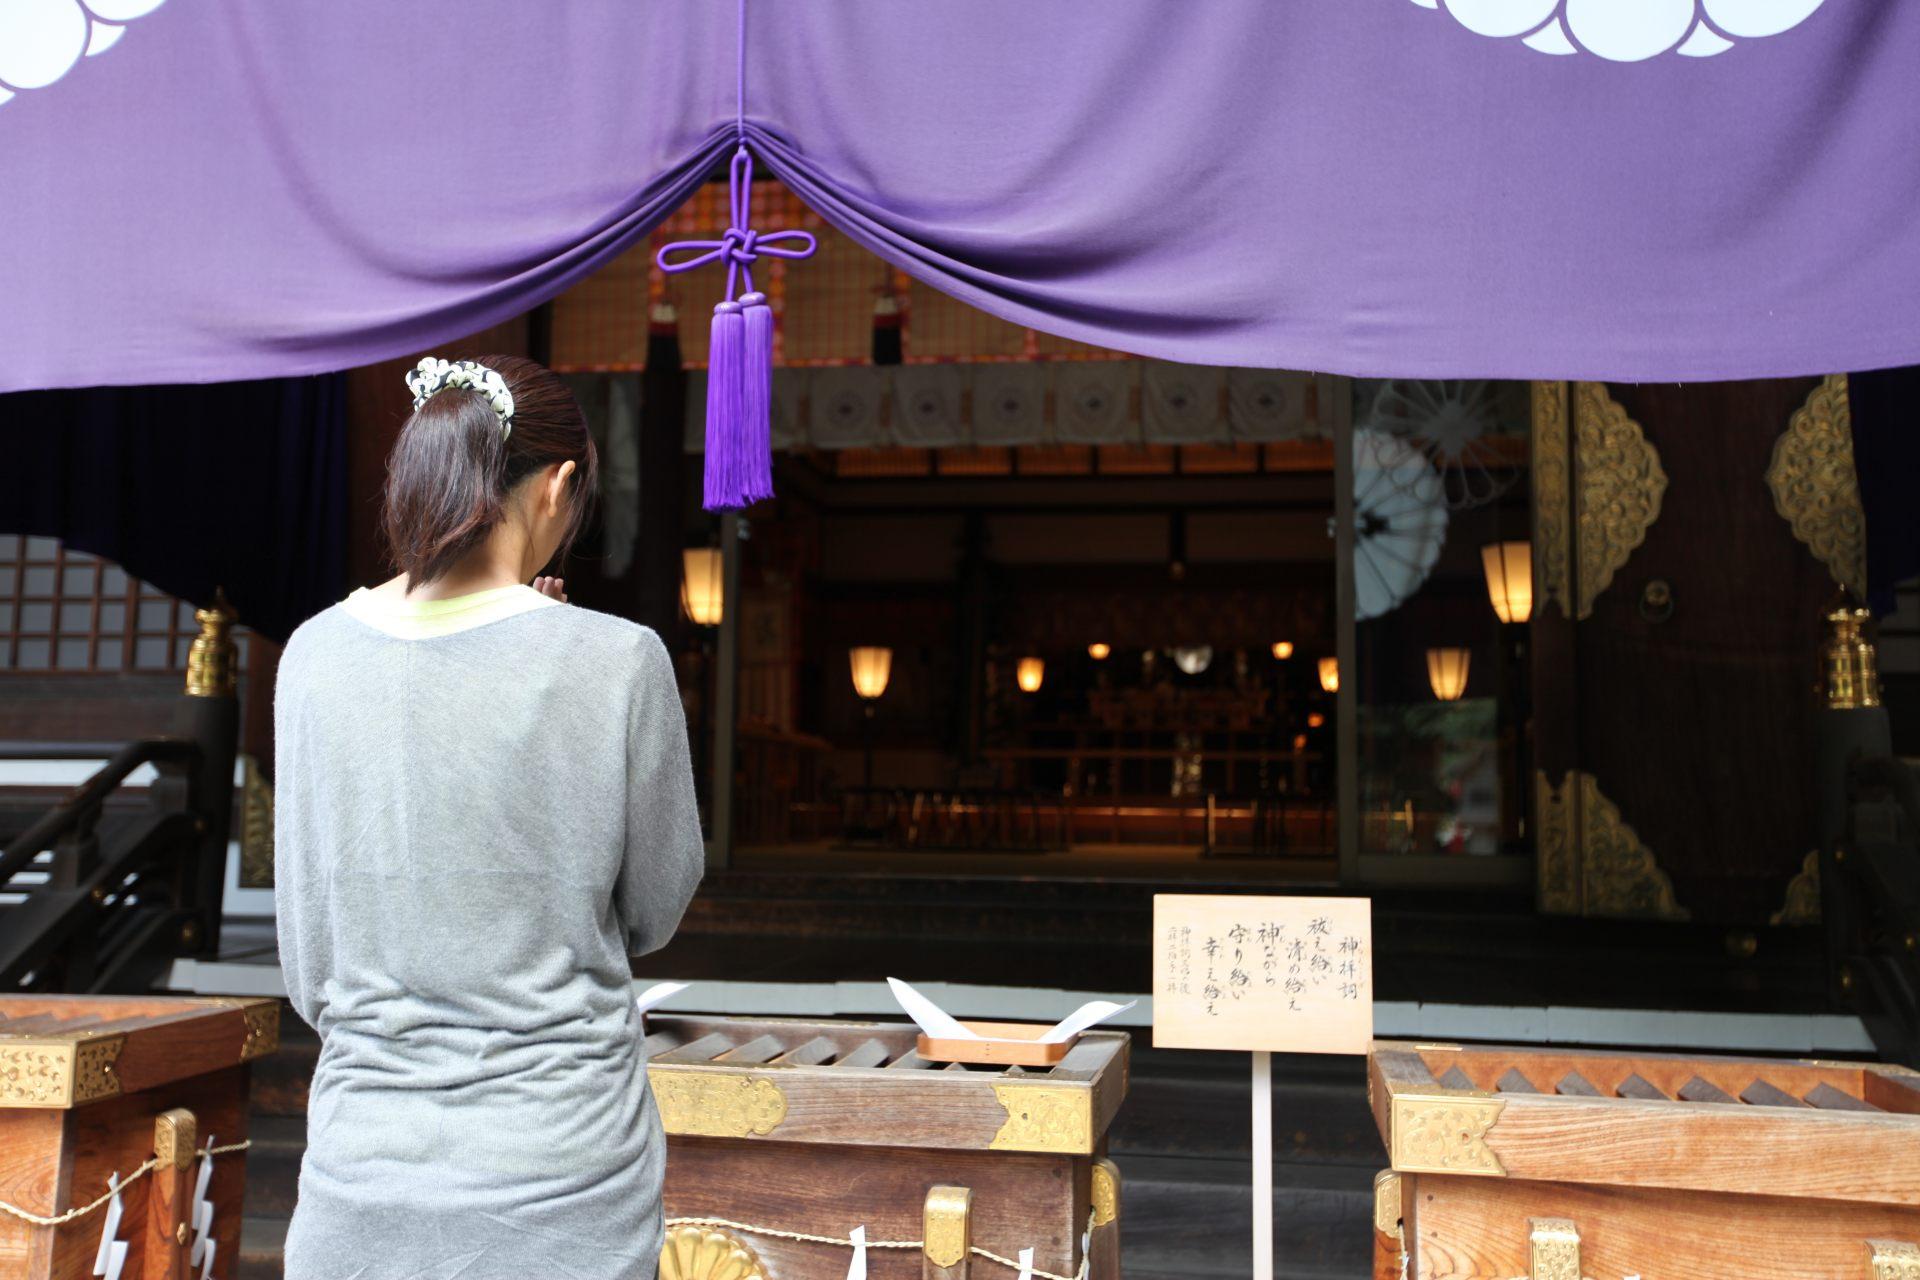 东京大神宫、恋爱、良缘、东京的伊势、能量景点、祈愿、御神签